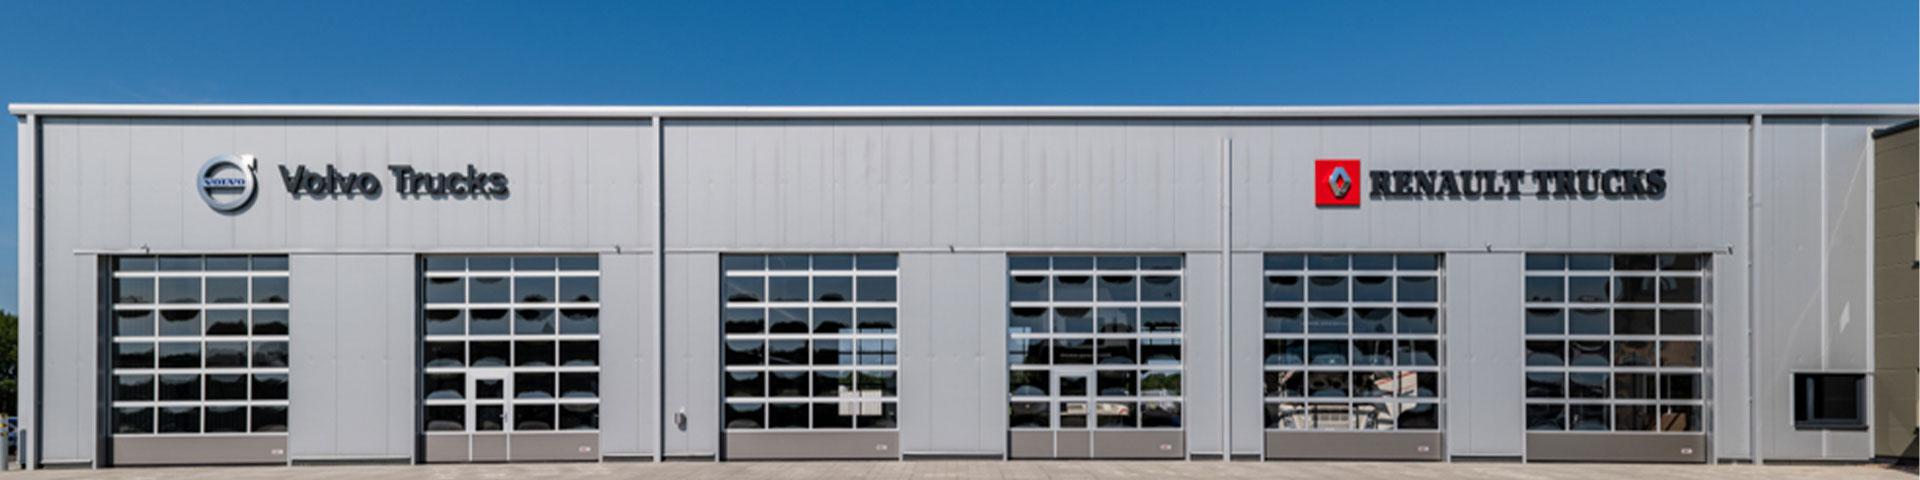 Deine zertifizierte Fachwerkstatt für Volvo und Renault-Trucks in Schleswig-Holstein